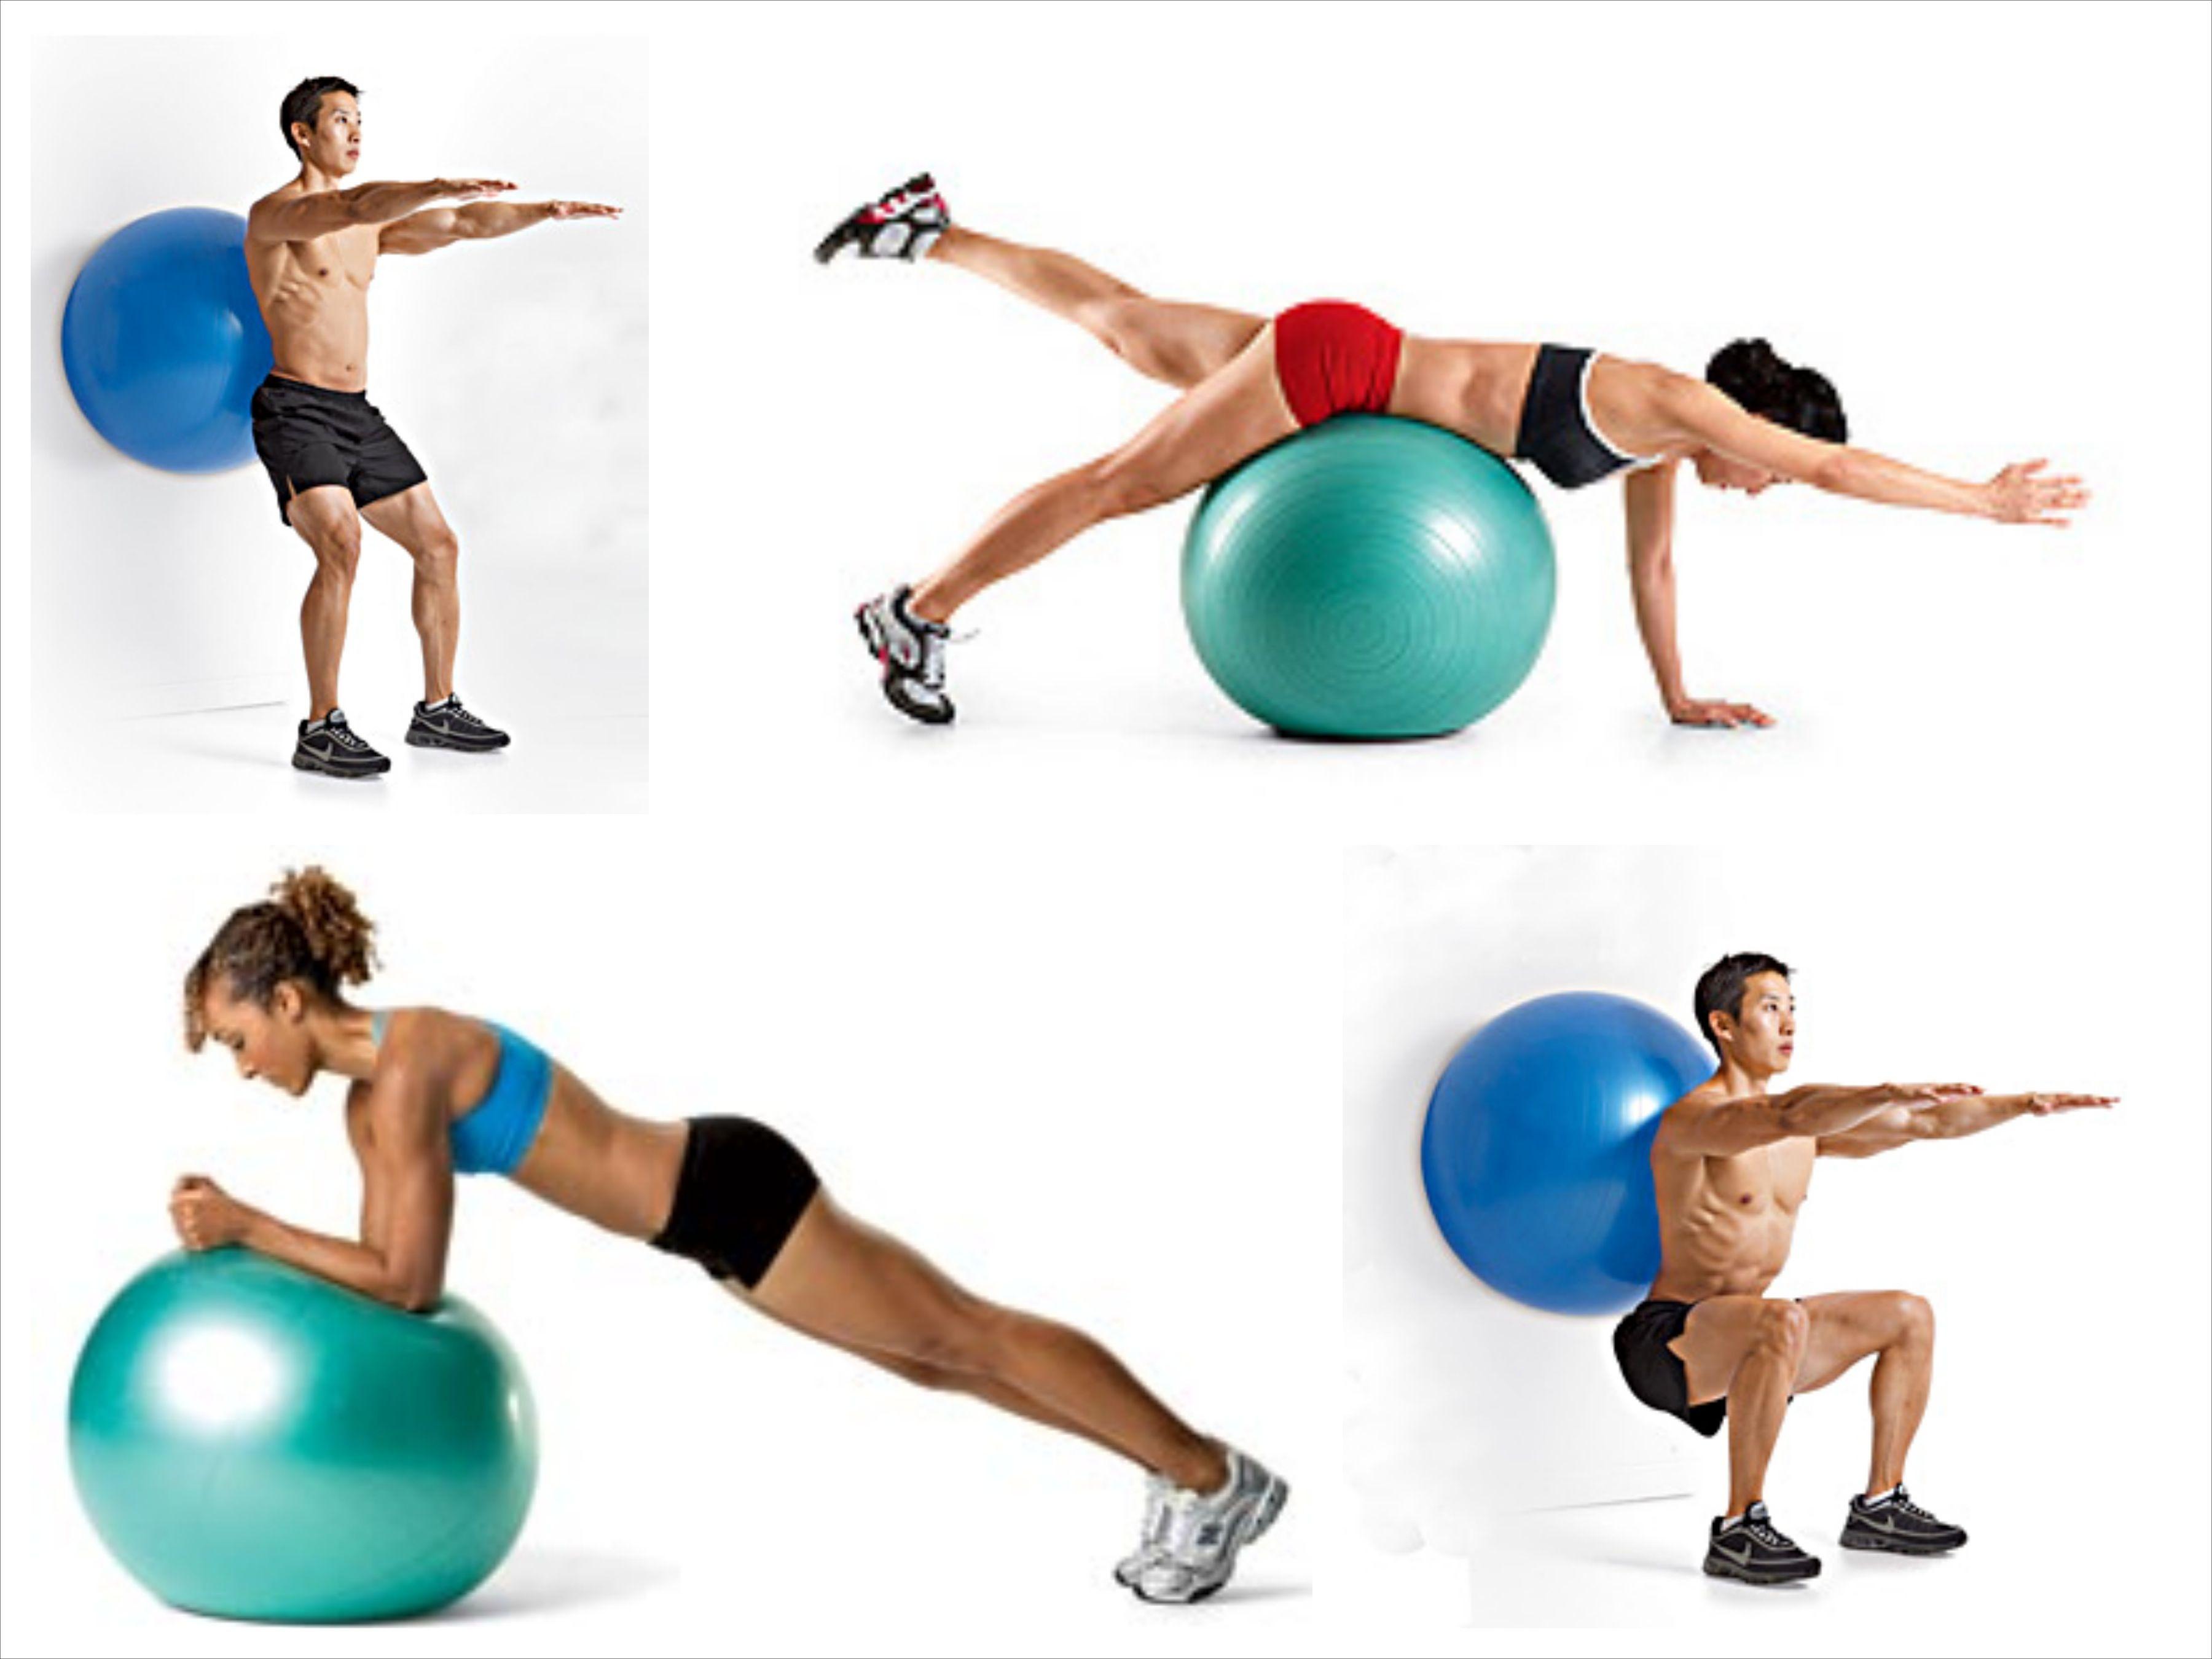 упражнения для похудения с мячом все картинки есть